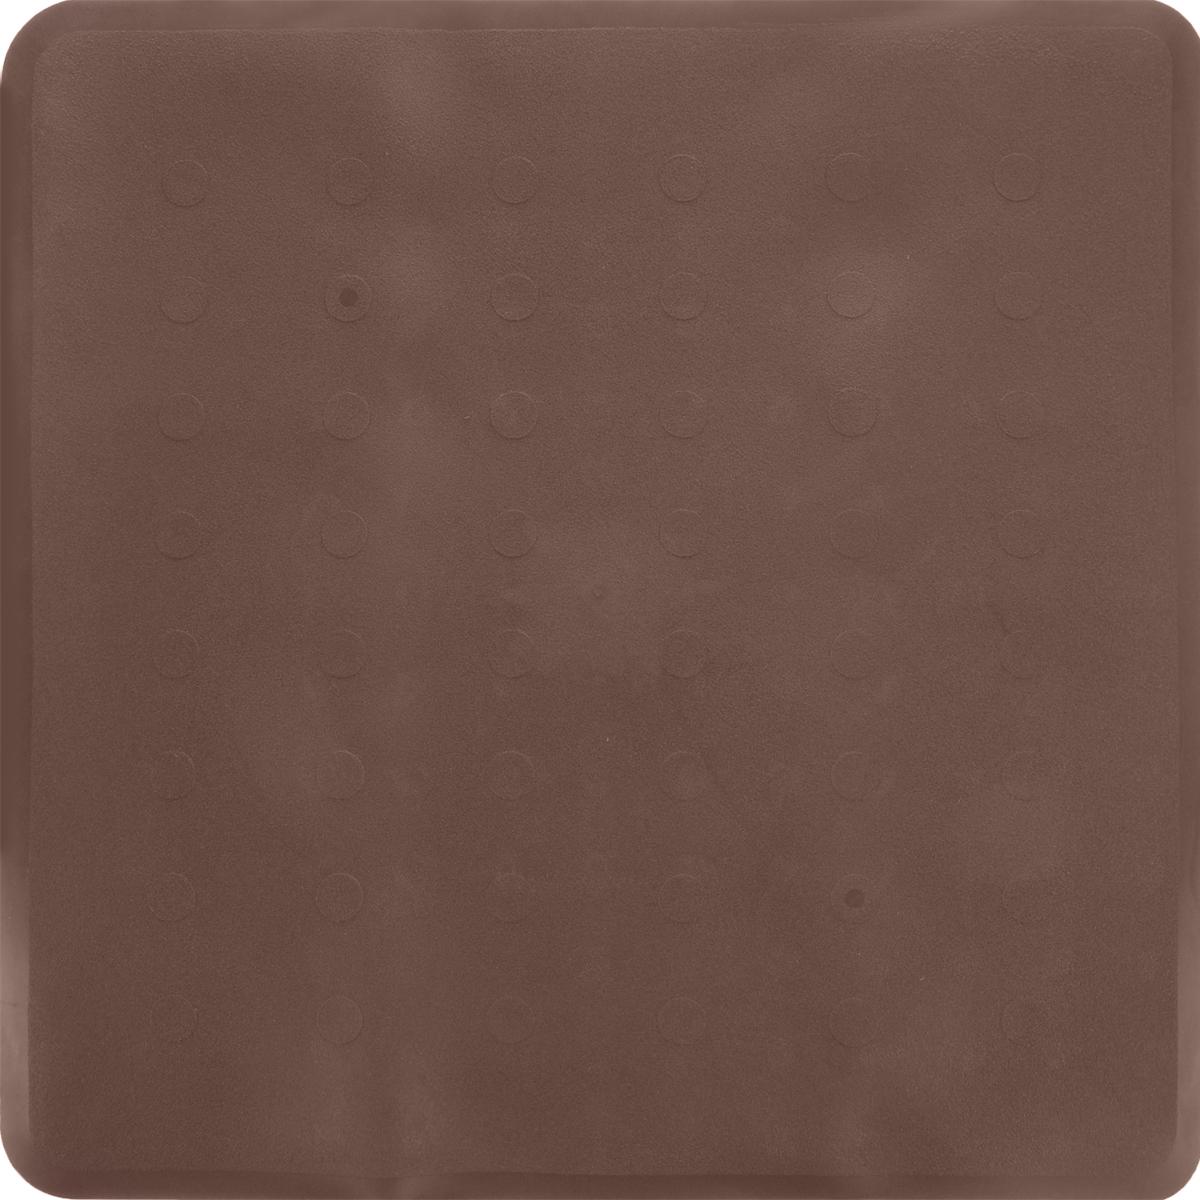 Коврик для ванной Ridder Basic, противоскользящий, на присосках, цвет: коричневый, 51 х 51 см391602Коврик для ванной Ridder Basic, изготовленный из каучука с защитой от плесени и грибка, создает комфортное антискользящее покрытие в ванне. Крепится к поверхности при помощи присосок. Изделие удобно в использовании и легко моется теплой водой.